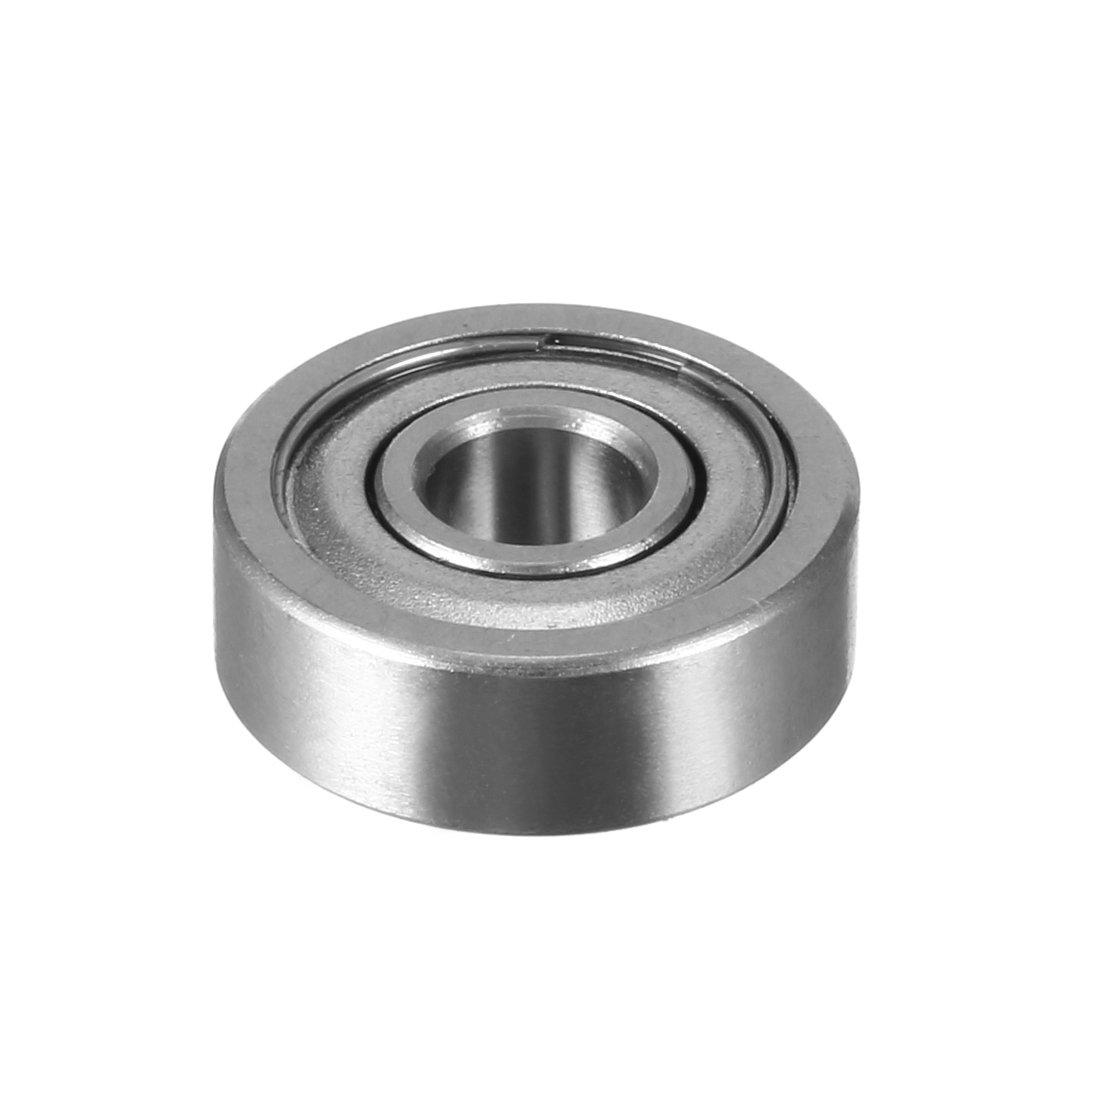 uxcell 20pcs 623ZZ 3mmx10mmx4mm Double Shielded Miniature Deep Groove Ball Bearing